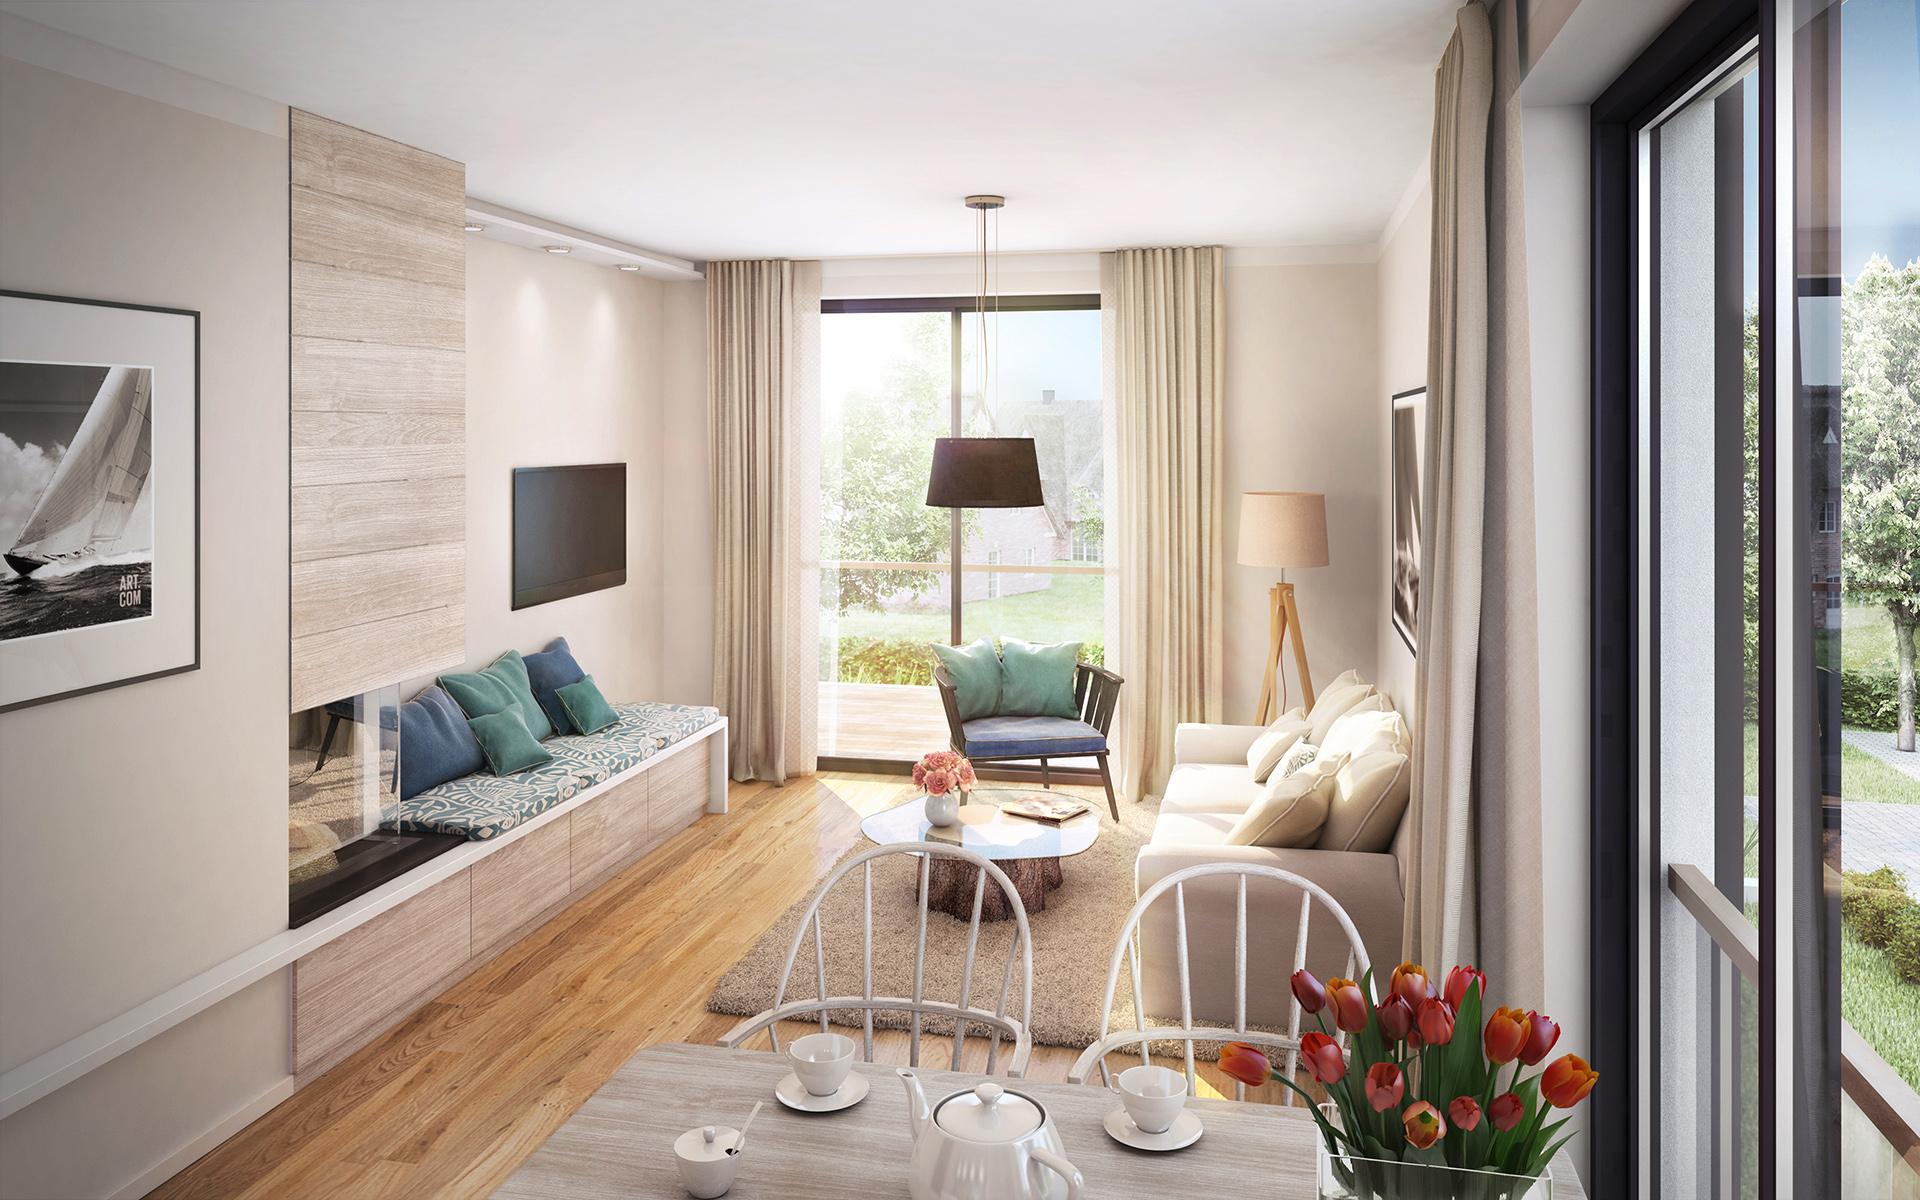 Wohnzimmer, Appartment an der Ostsee, gemütliche Kaminbank